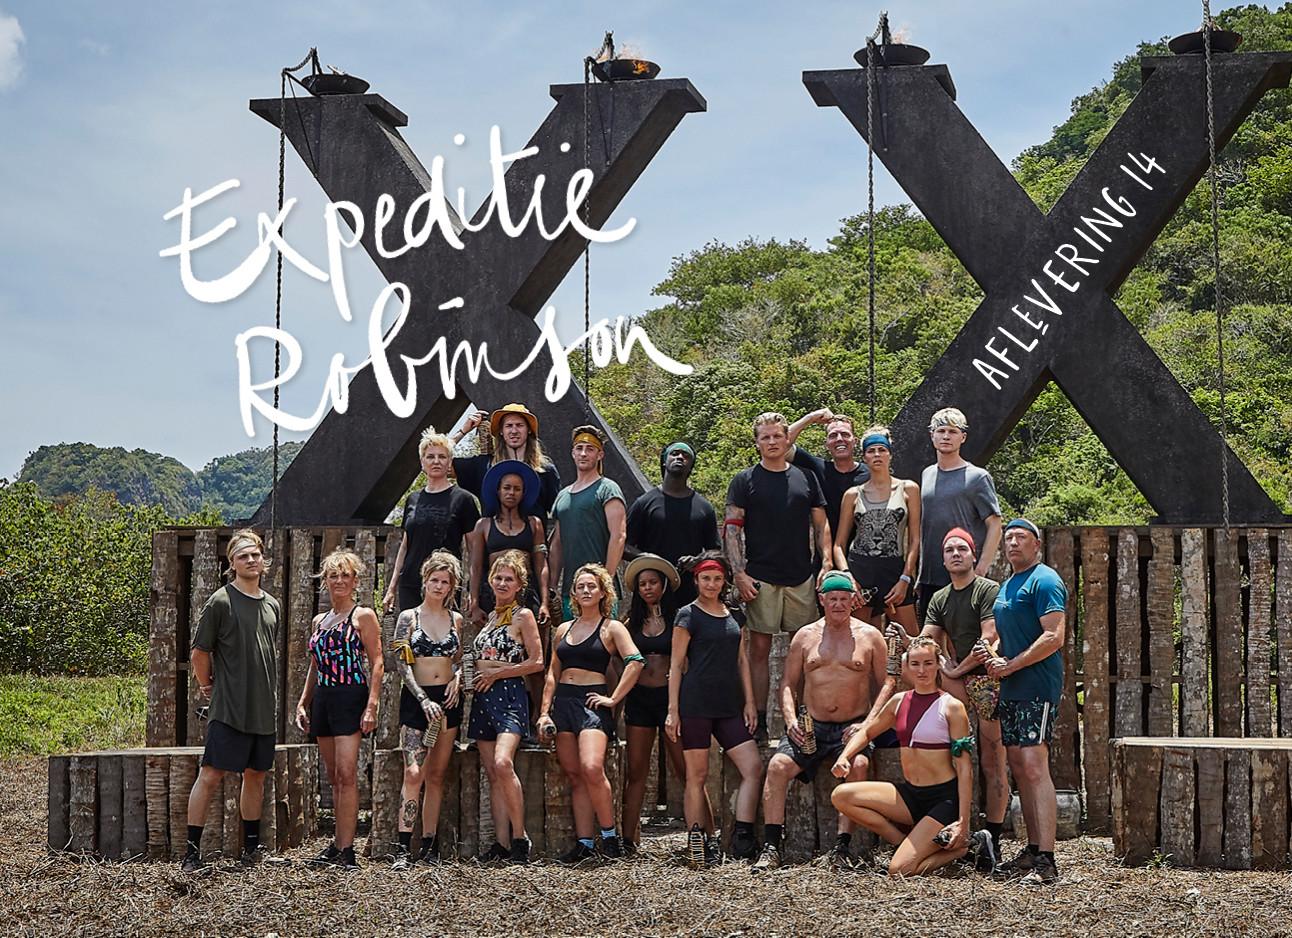 de officele groepsfoto van de leden van expeditie robinson